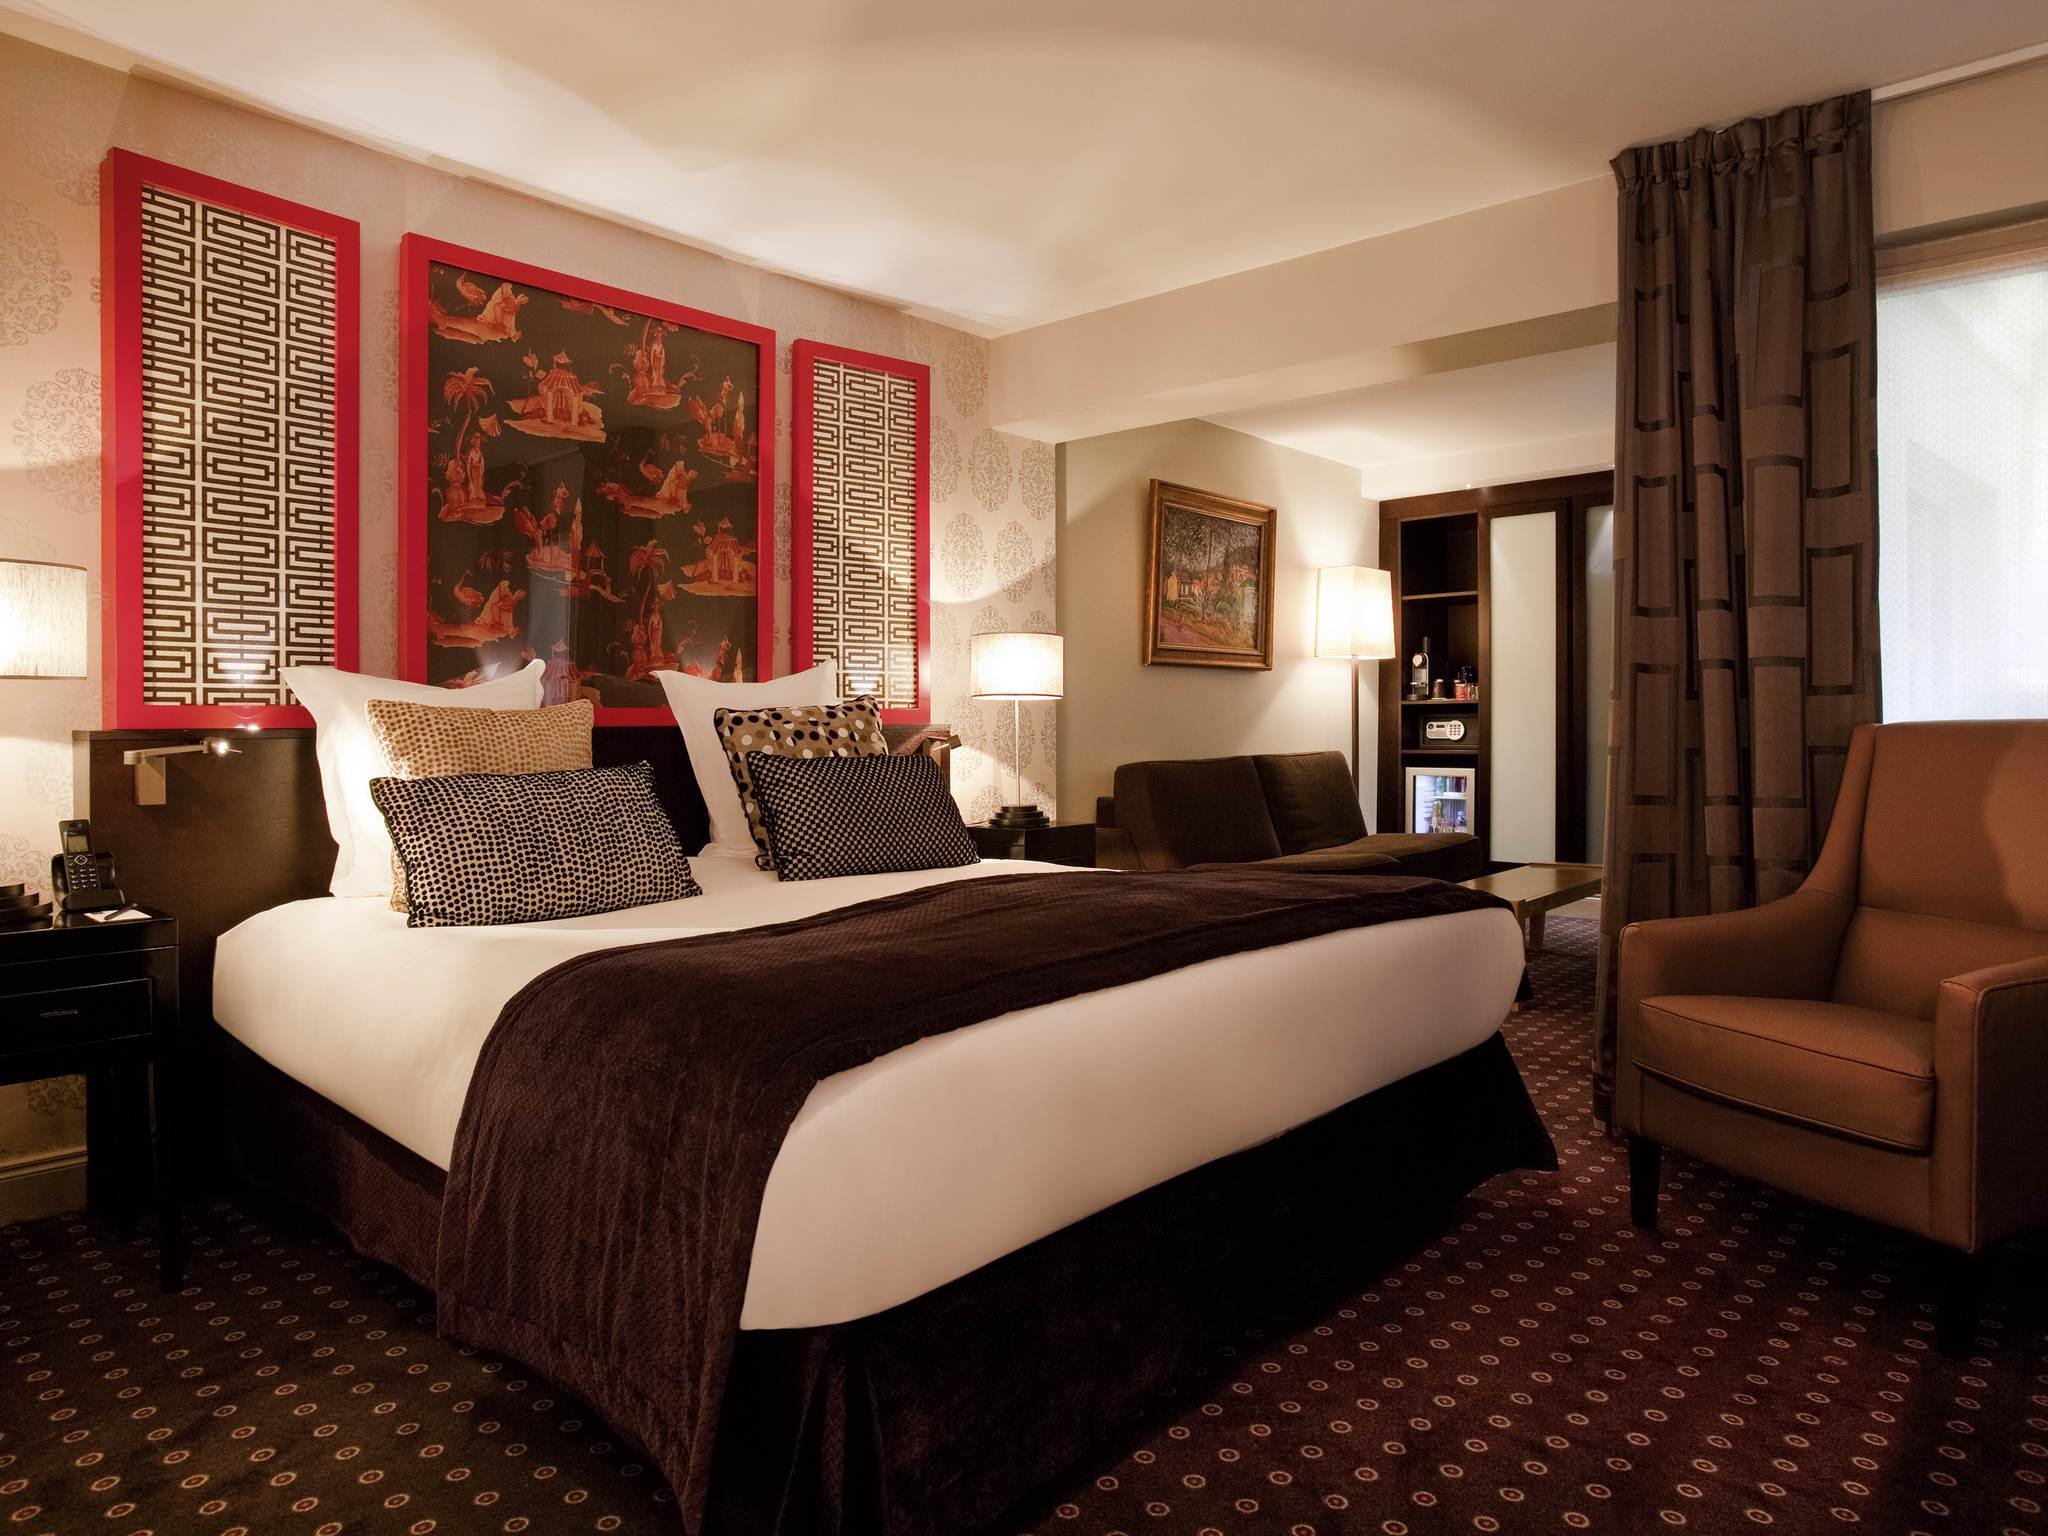 โรงแรม – โรงแรมสเตนดาล ปลาส วองโดม ปารีส - เอ็มแกลเลอรี บาย โซฟิเทล